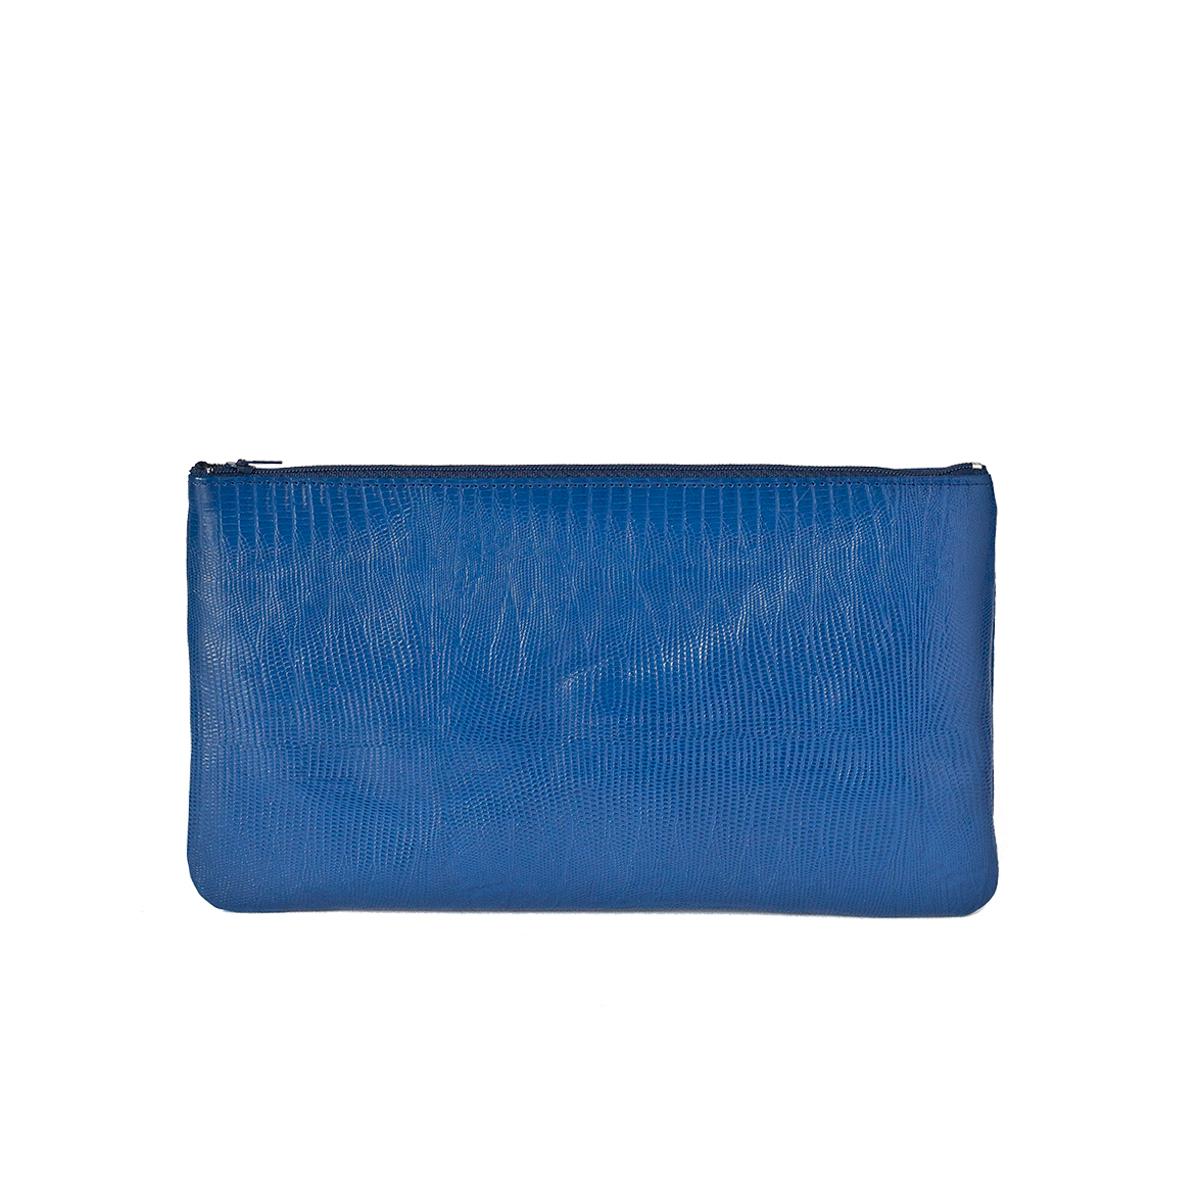 Petite pochette zippée bleu roi en cuir façon lézard